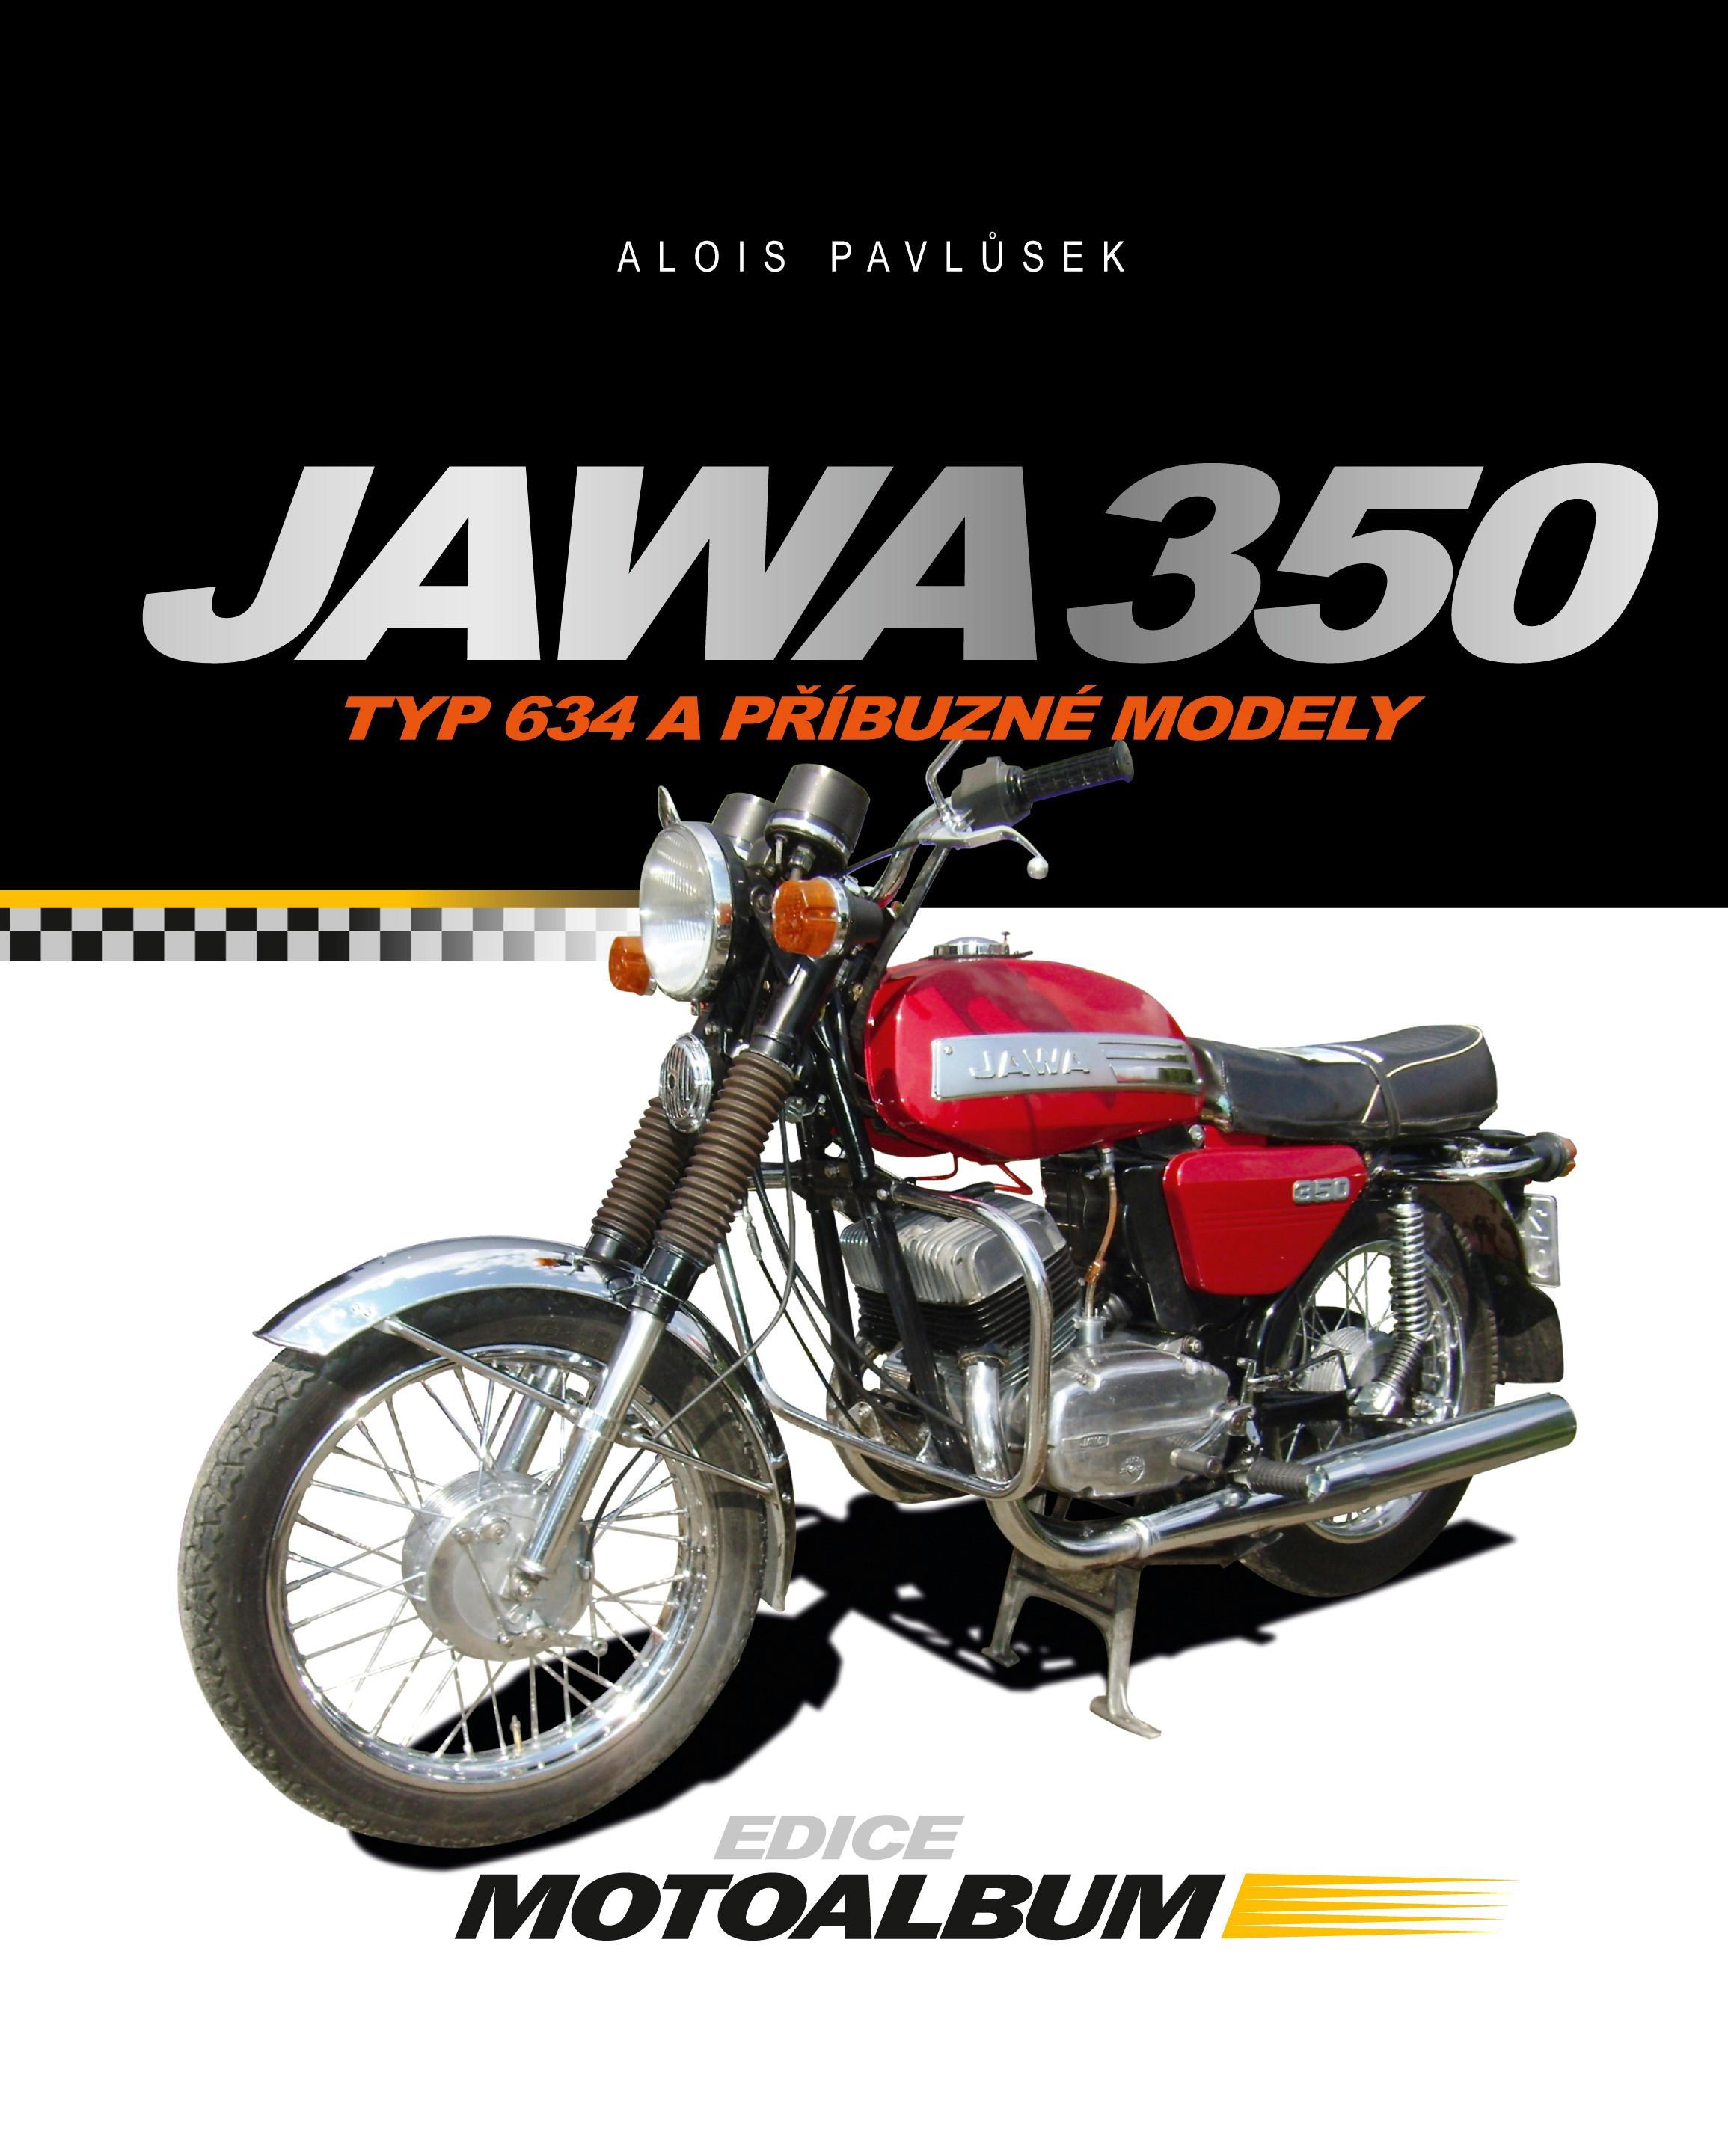 JAWA 350 (TYP 634 A PŘÍBUZNÉ MODELY)